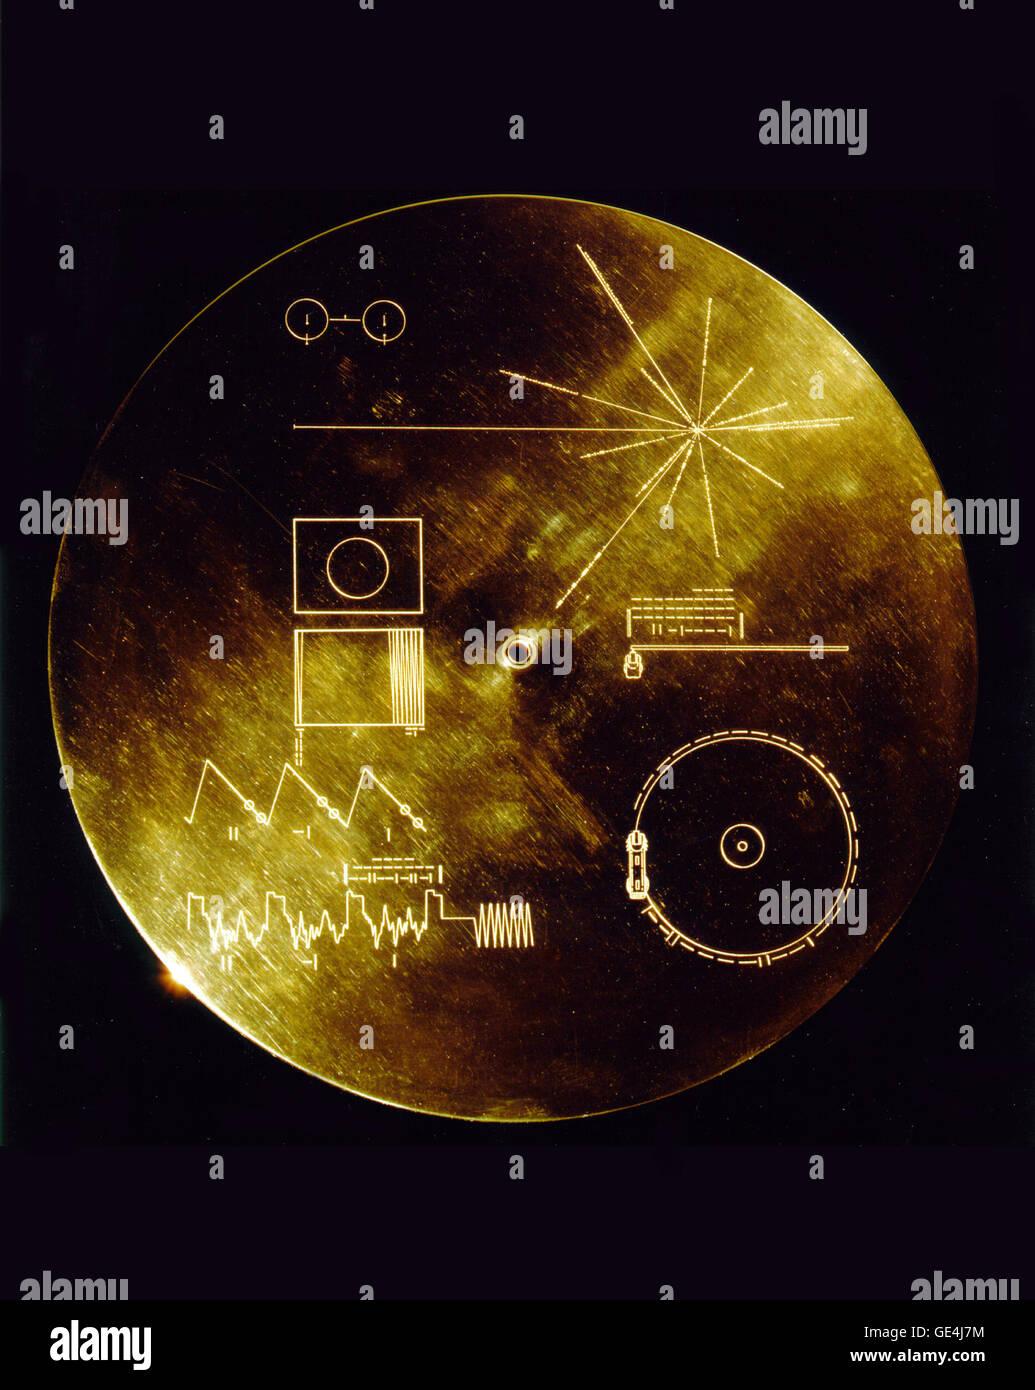 """Questo oro coperchio in alluminio è stato progettato per proteggere il Voyager 1 e 2 """"Suoni di Terra"""" placcato oro record dal bombardamento micrometeorite, ma serve anche un doppio scopo nel fornire il finder una chiave per la riproduzione della registrazione. Il diagramma esplicativo che viene visualizzato su entrambi le superfici interna ed esterna del coperchio, come il diagramma esterno verrà erosa in tempo. Volare a bordo di camminatori 1 e 2 sono identici """"Golden Record"""", che porta la storia della terra lontano nello spazio profondo. Il 12 pollici di rame dorato dischi contengono i messaggi di saluto in 60 lingue, campioni di musica da diverse culture un Foto Stock"""